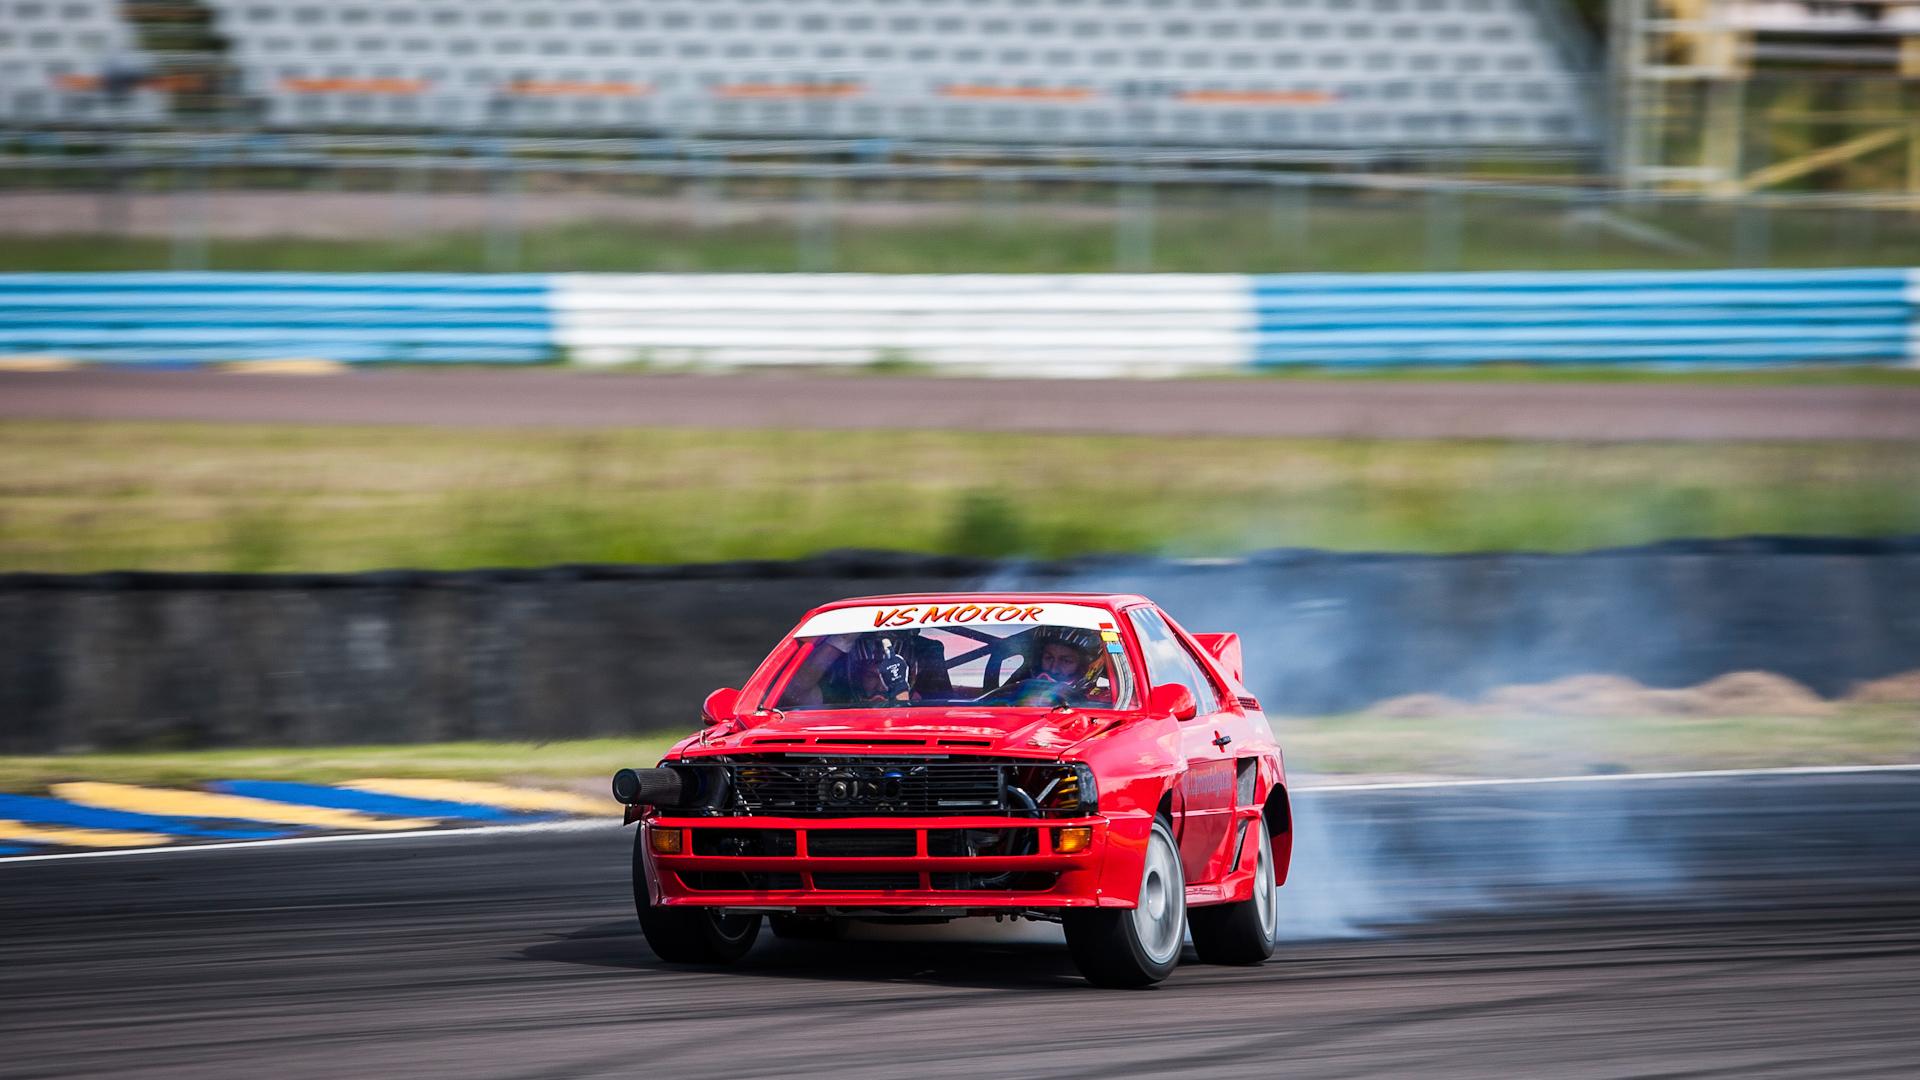 Drift car wallpaper wallpapersafari - Drift car wallpaper ...